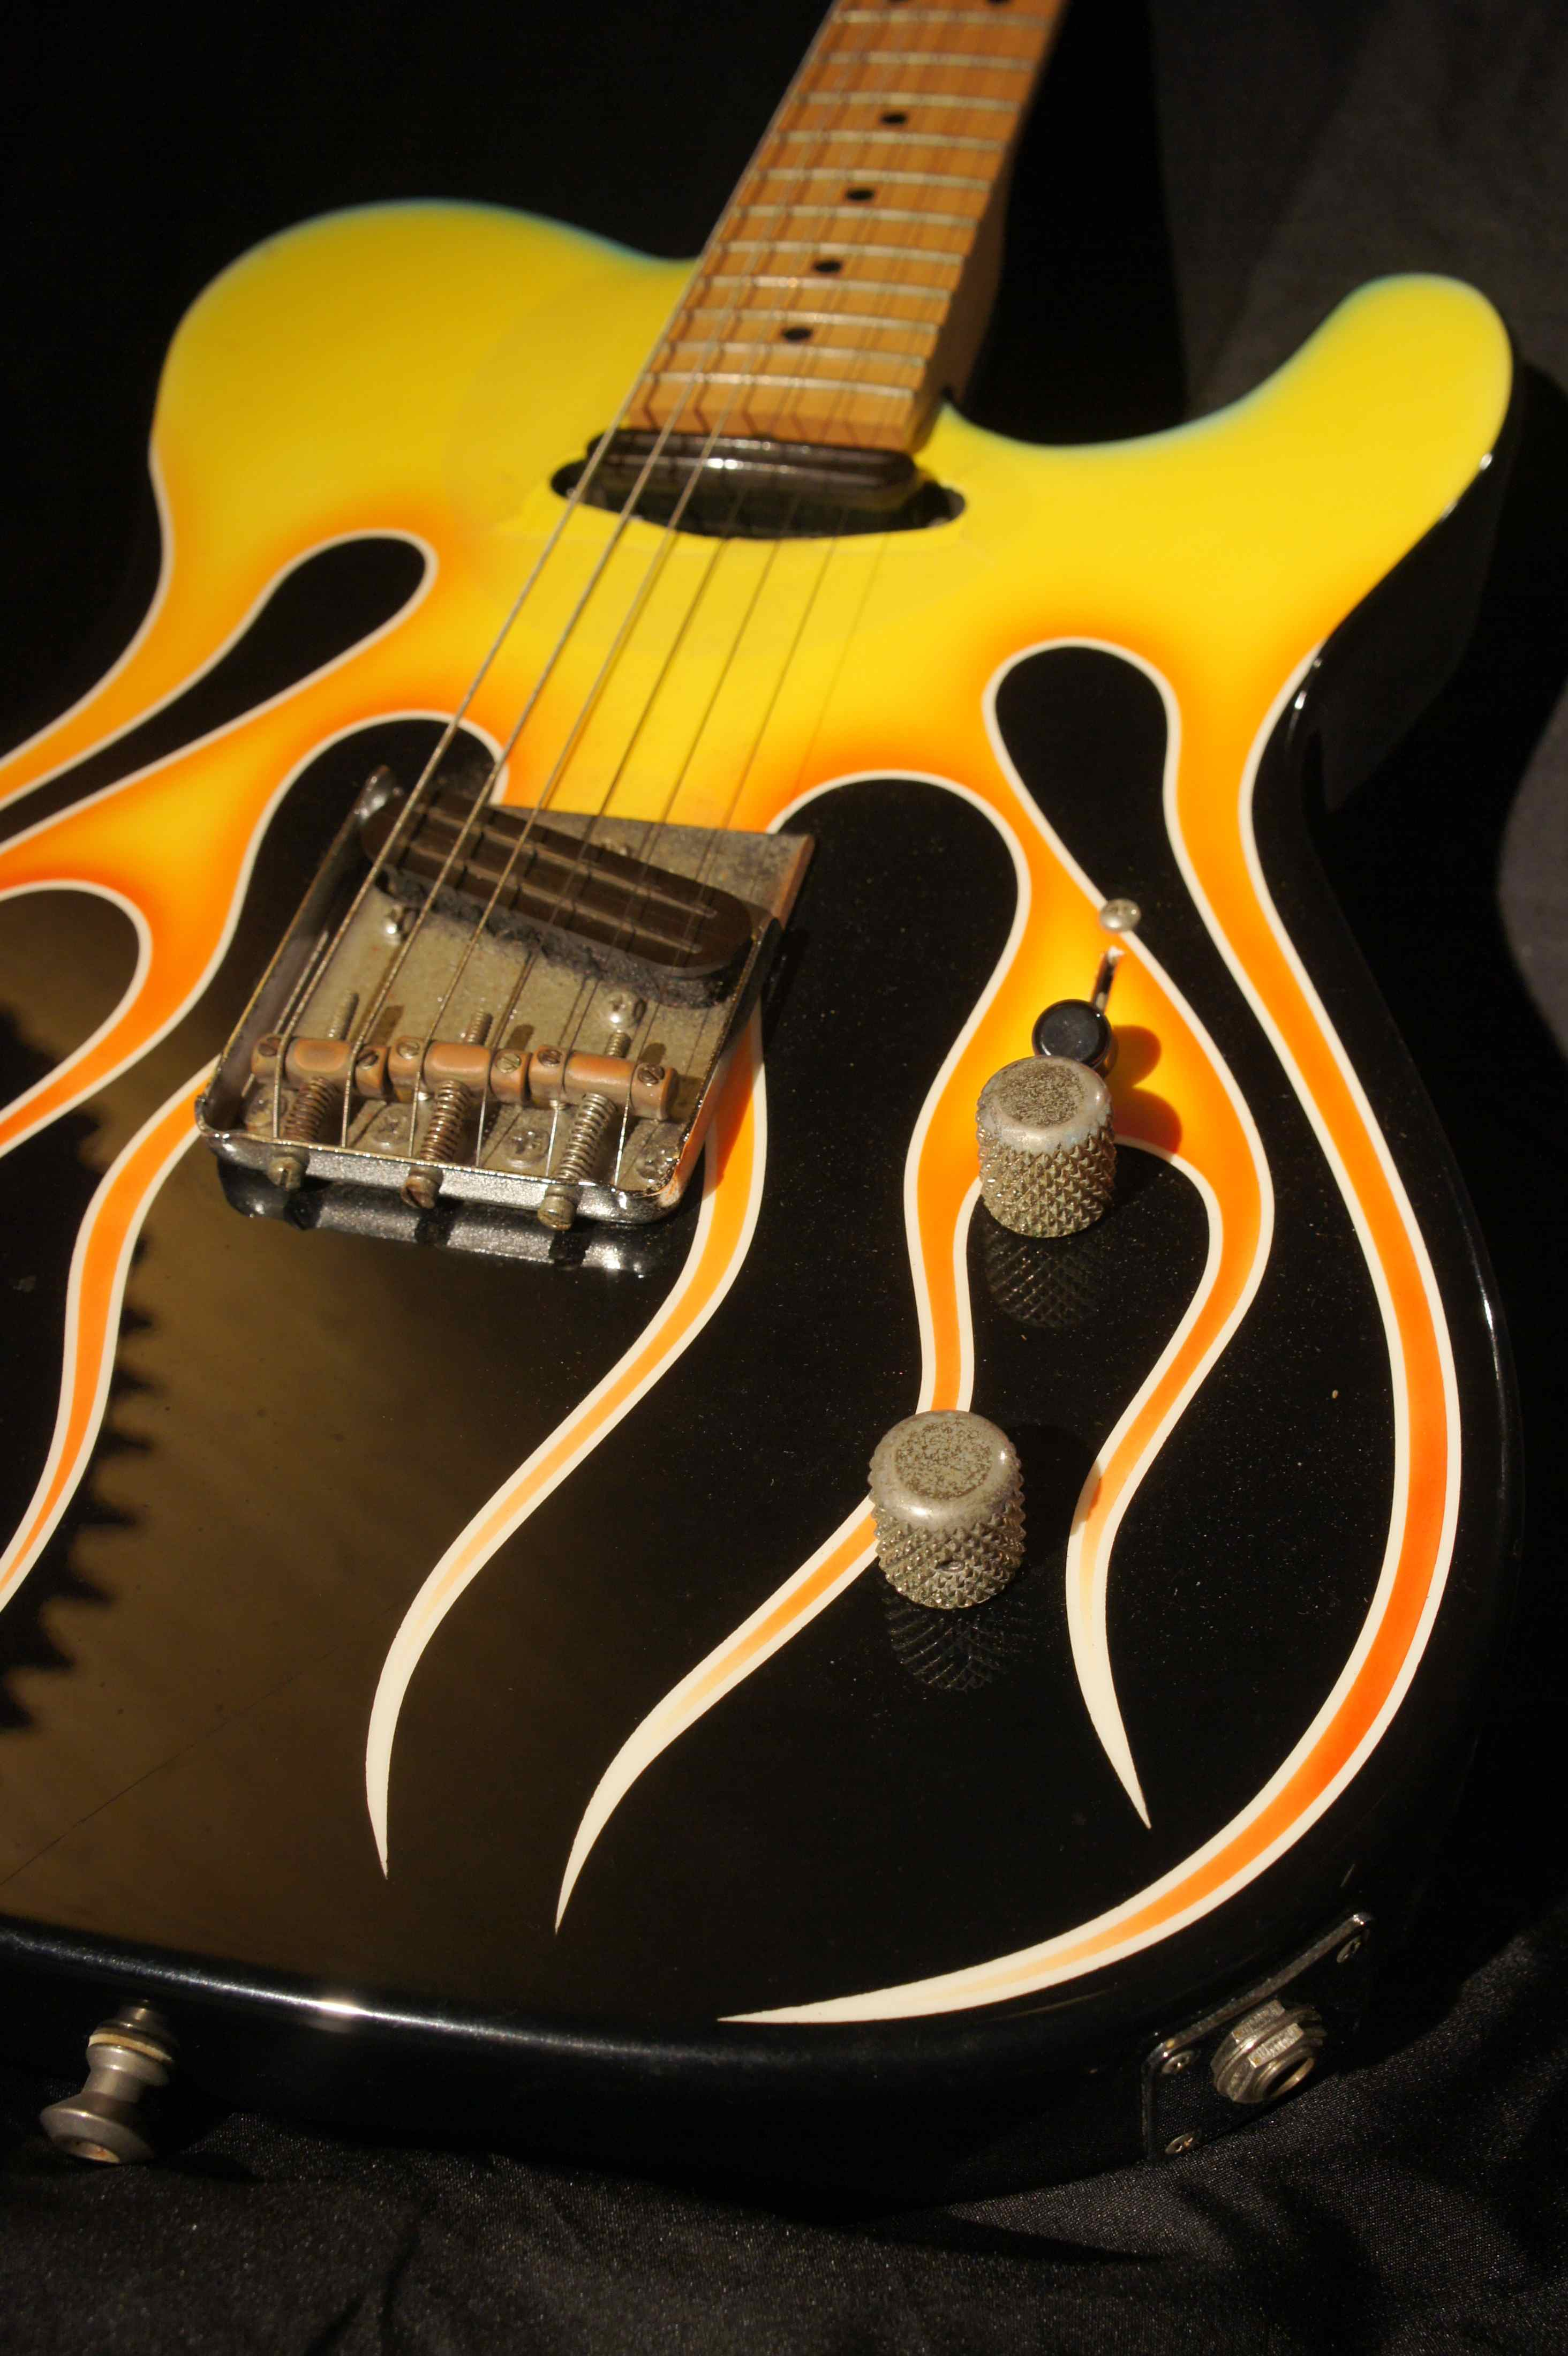 hot licks  original telecaster flame guitar  1993